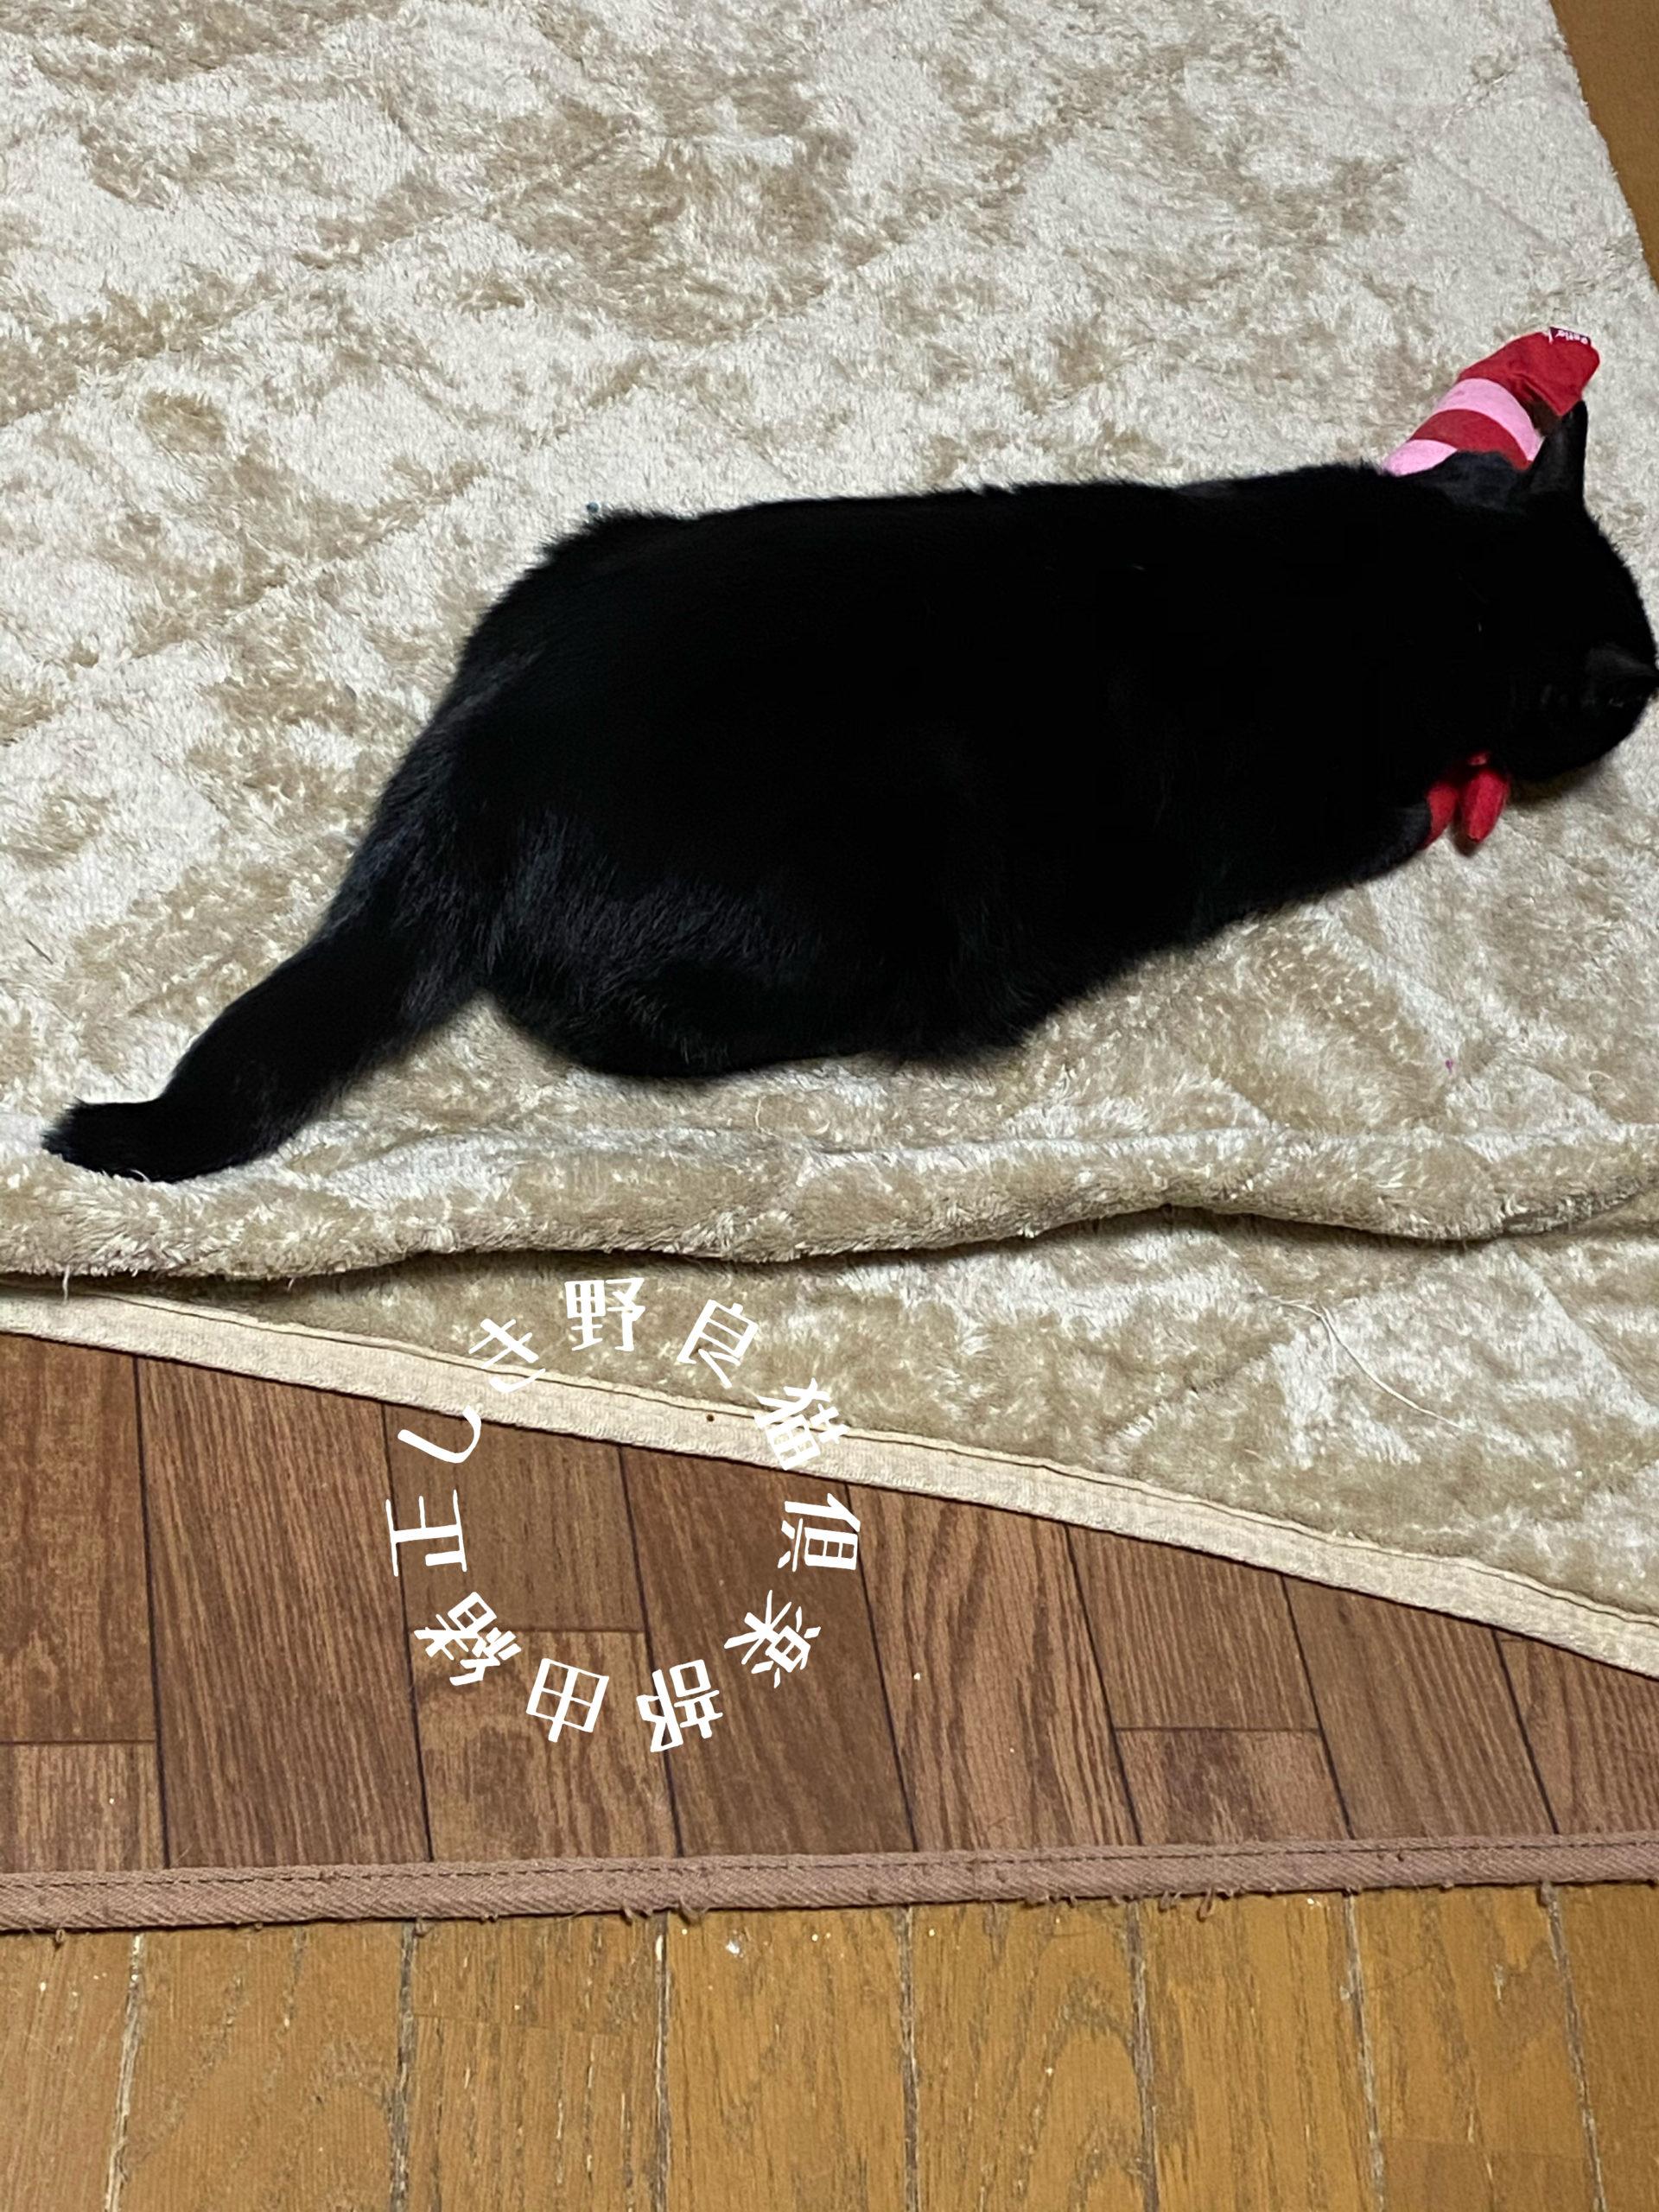 ペティオのけりぐるみを枕にして寝ている猫